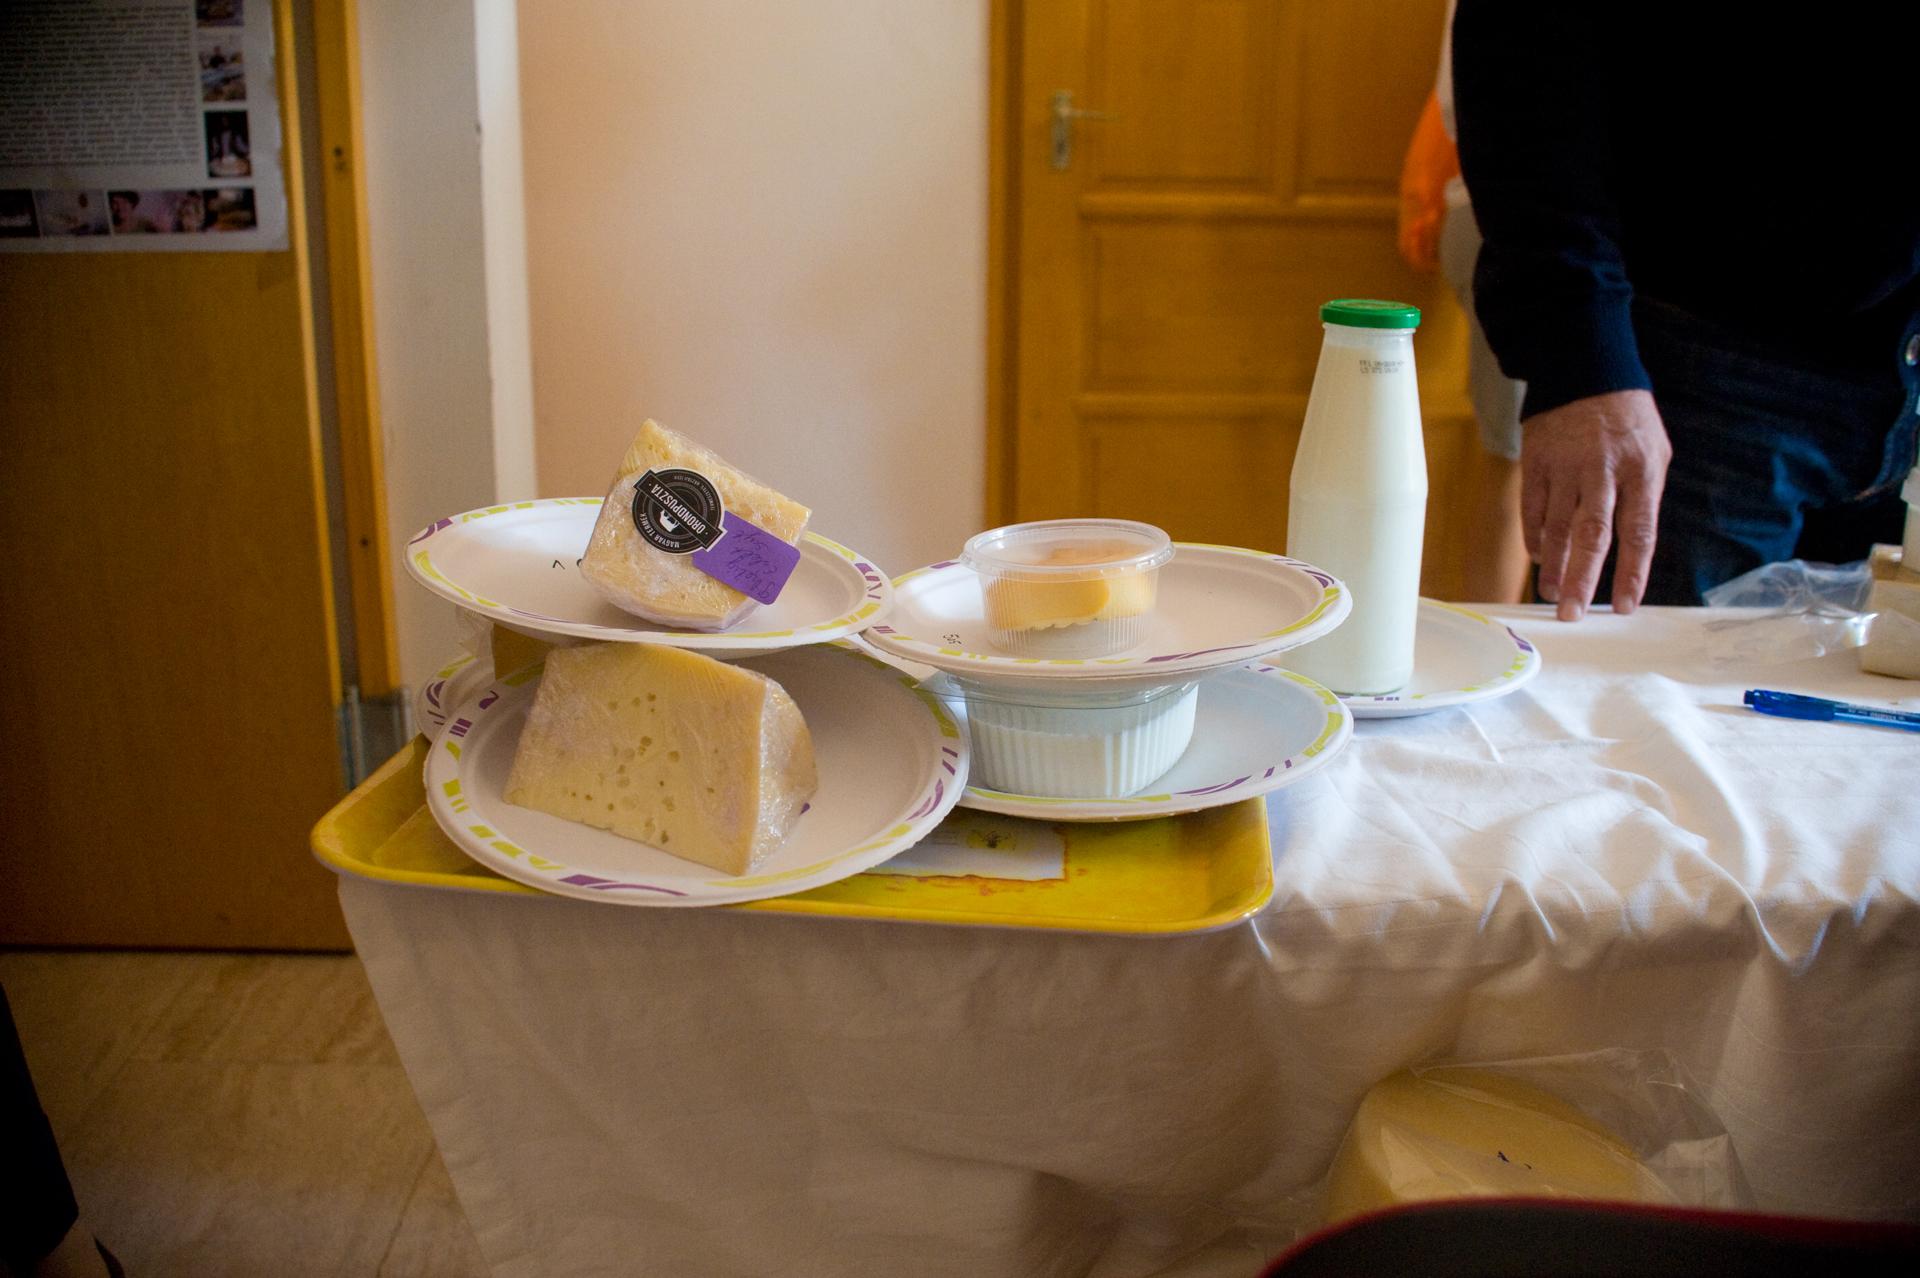 Érkeznek a minták a sajtverseny zsűrijének értékeléséhez.